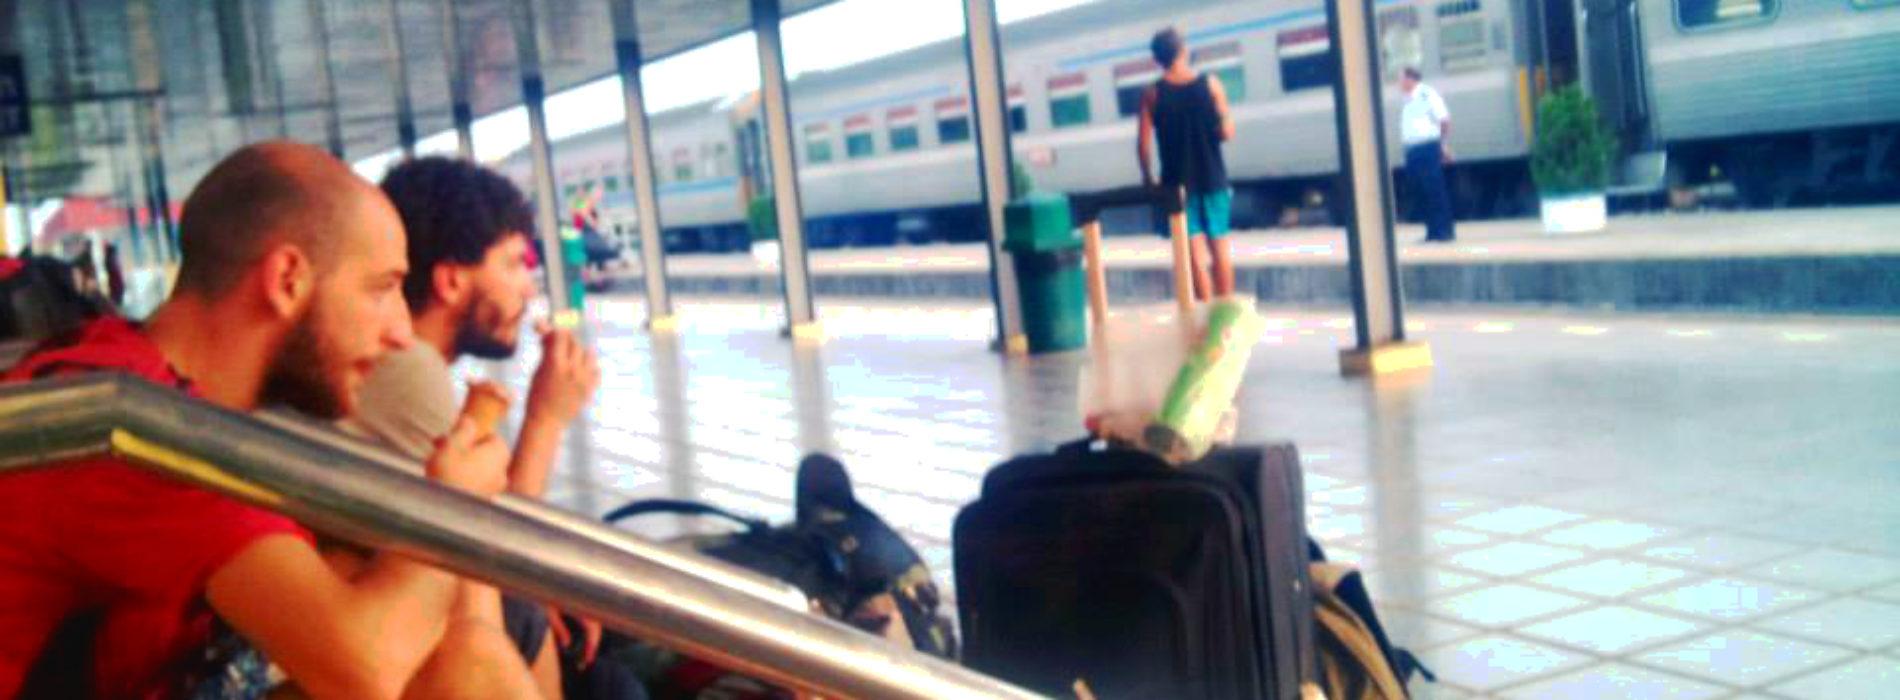 10 choses les plus stressantes en voyage (et comment les éviter)